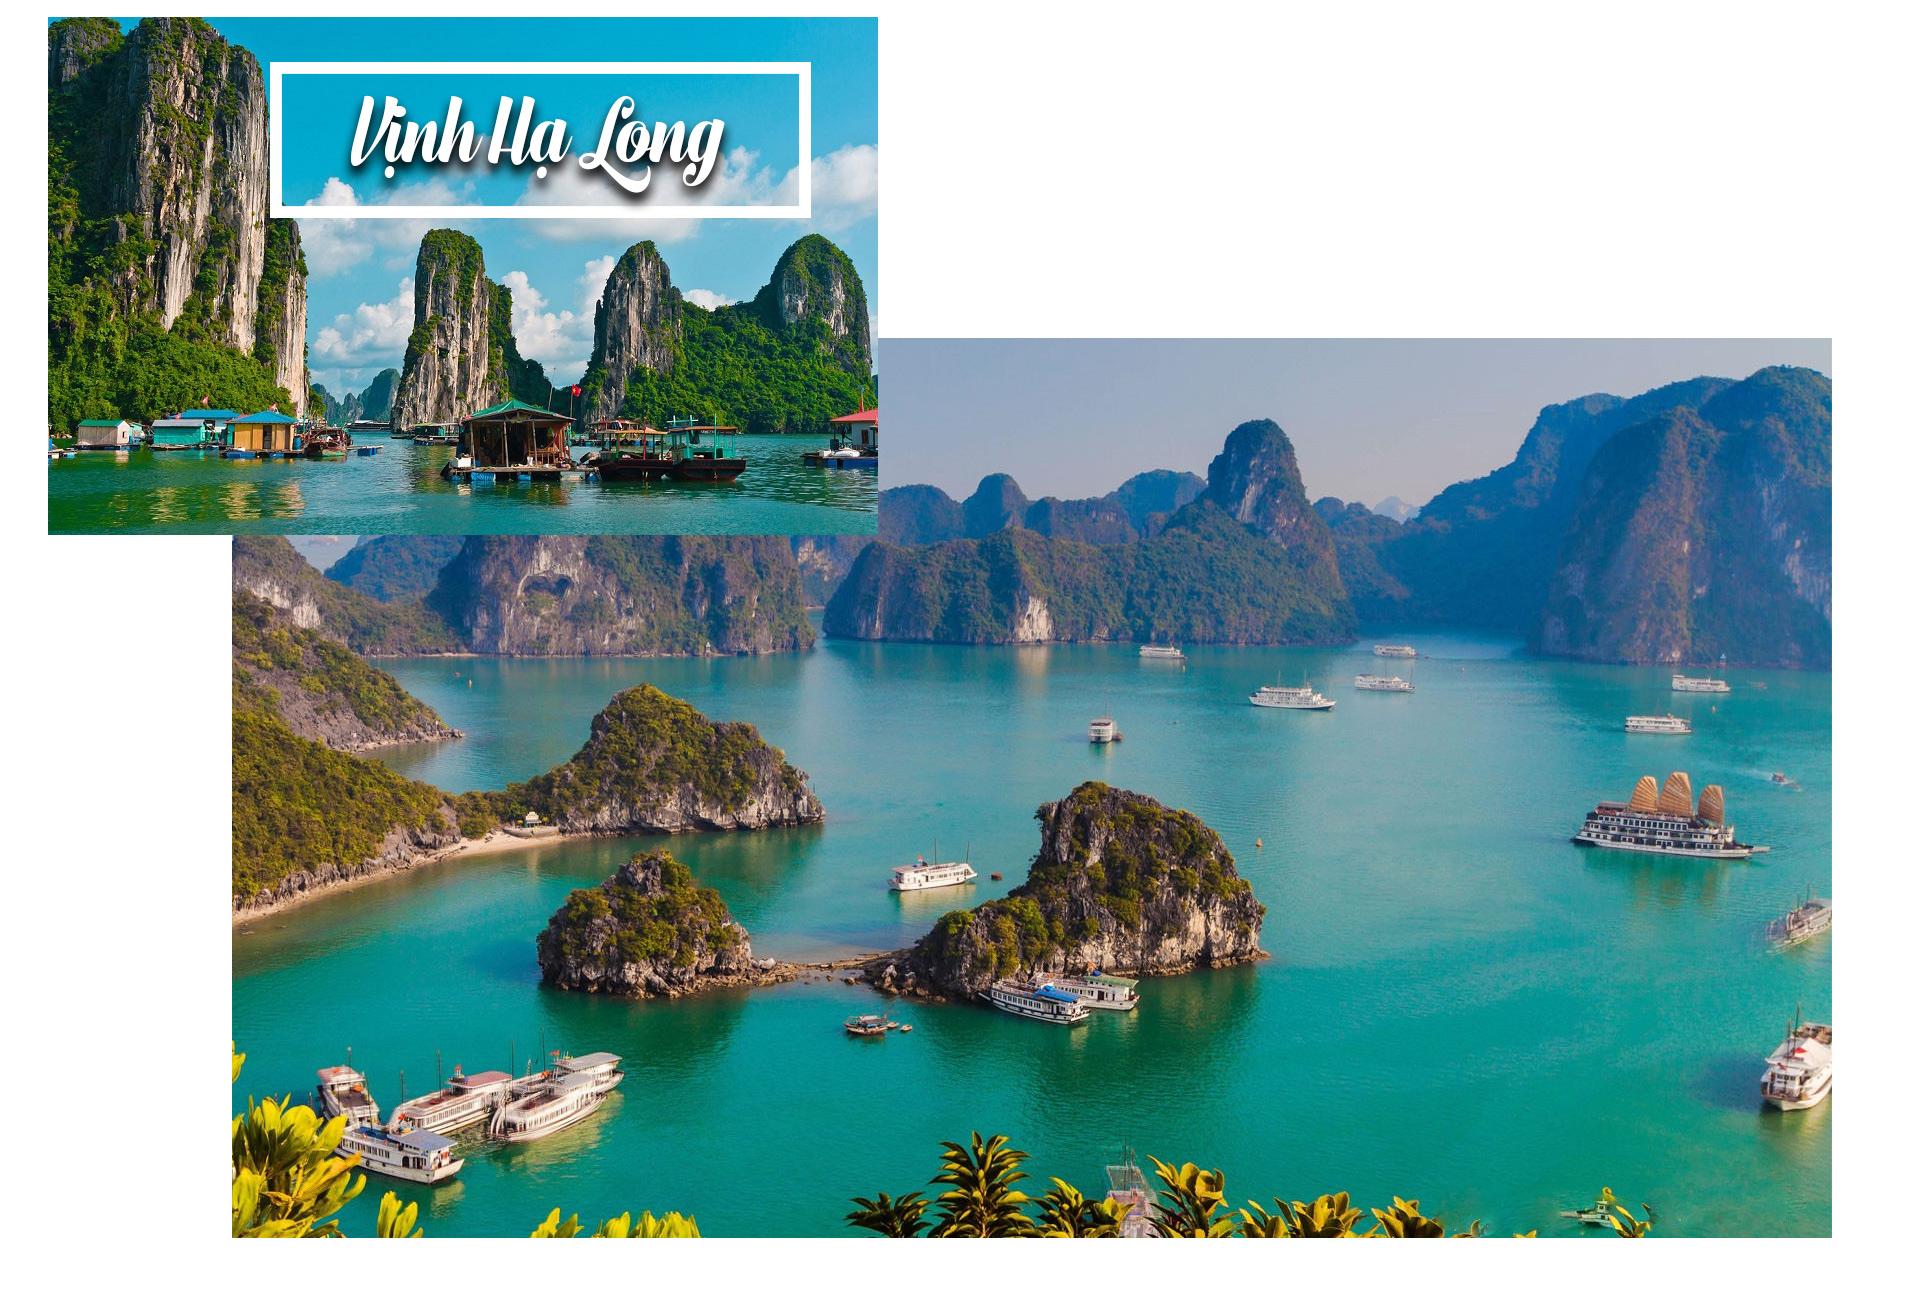 Những phong cảnh đẹp ở Việt Nam được du khách Tây yêu thích - 4